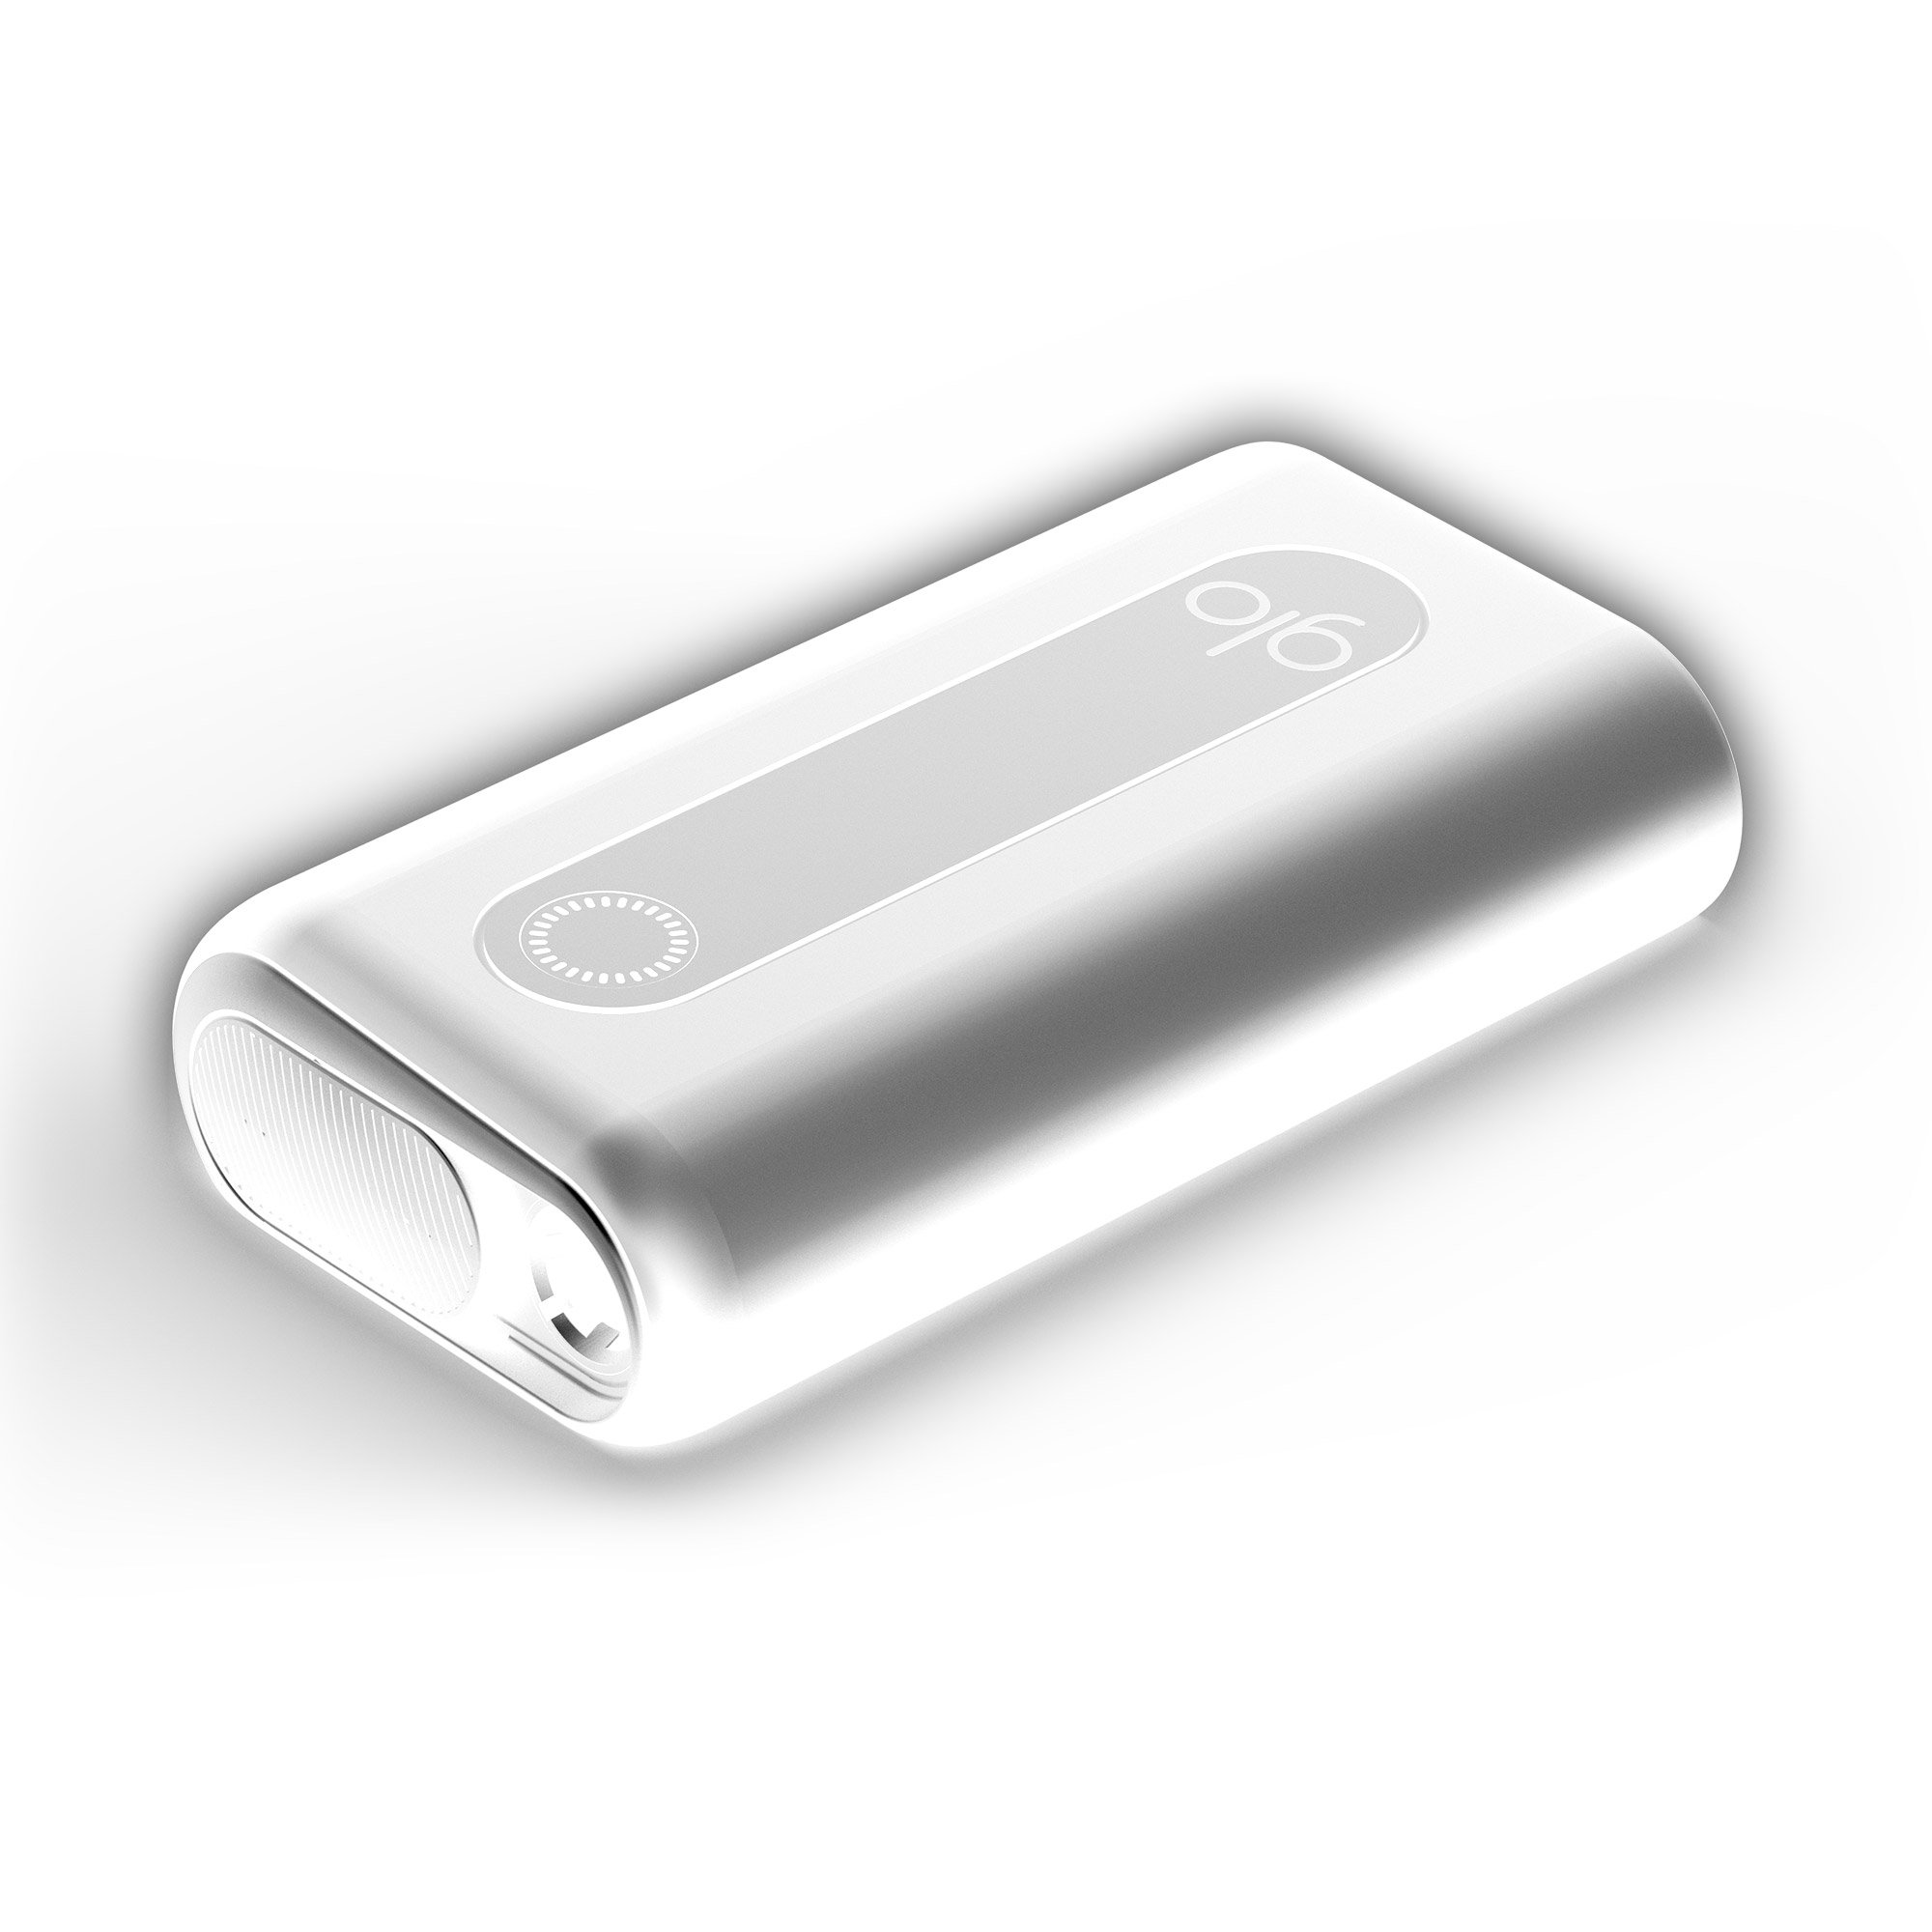 GLO Erhitzer / Heater weiß + 4 x Neo Sticks gratis (bei Registrierung)